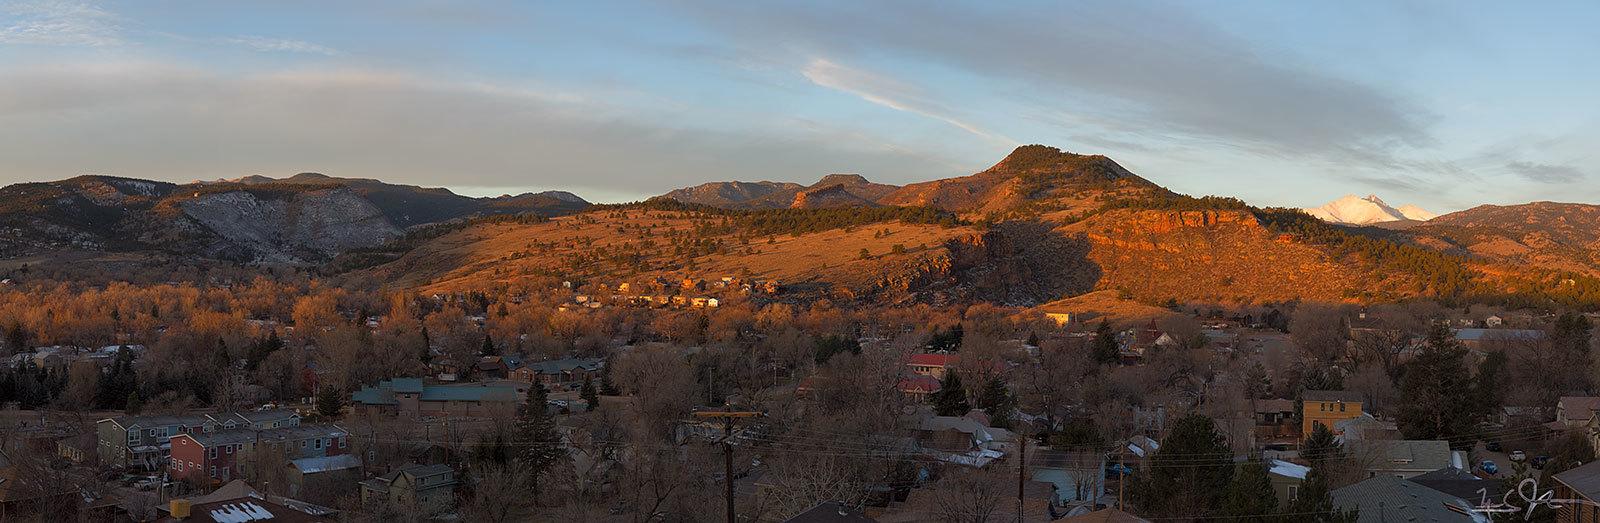 Lyons, Colorado. Thanksgiving Day 2013.